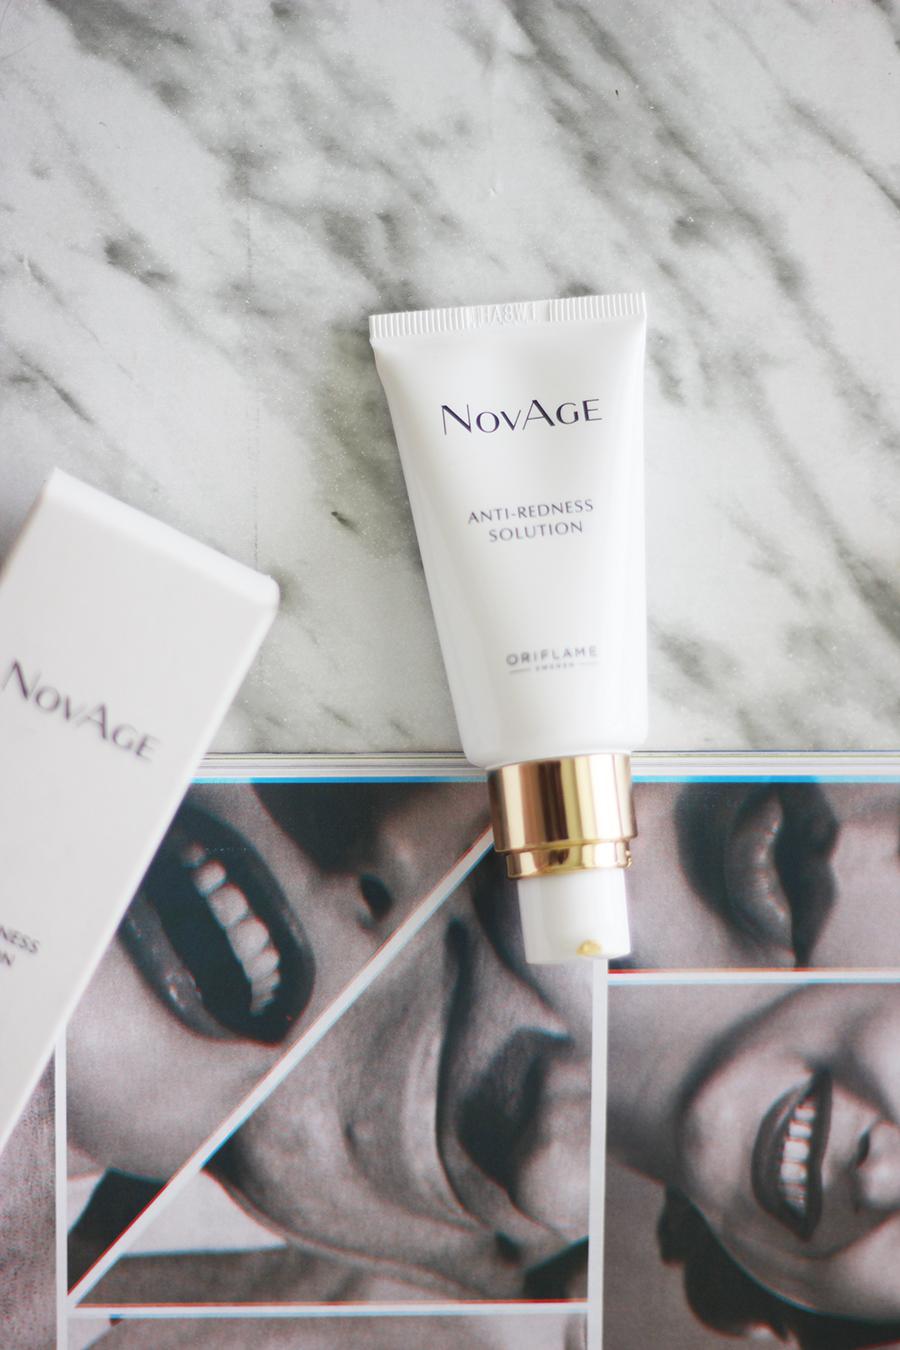 Solução Antivermelhidão NovAge Oriflame